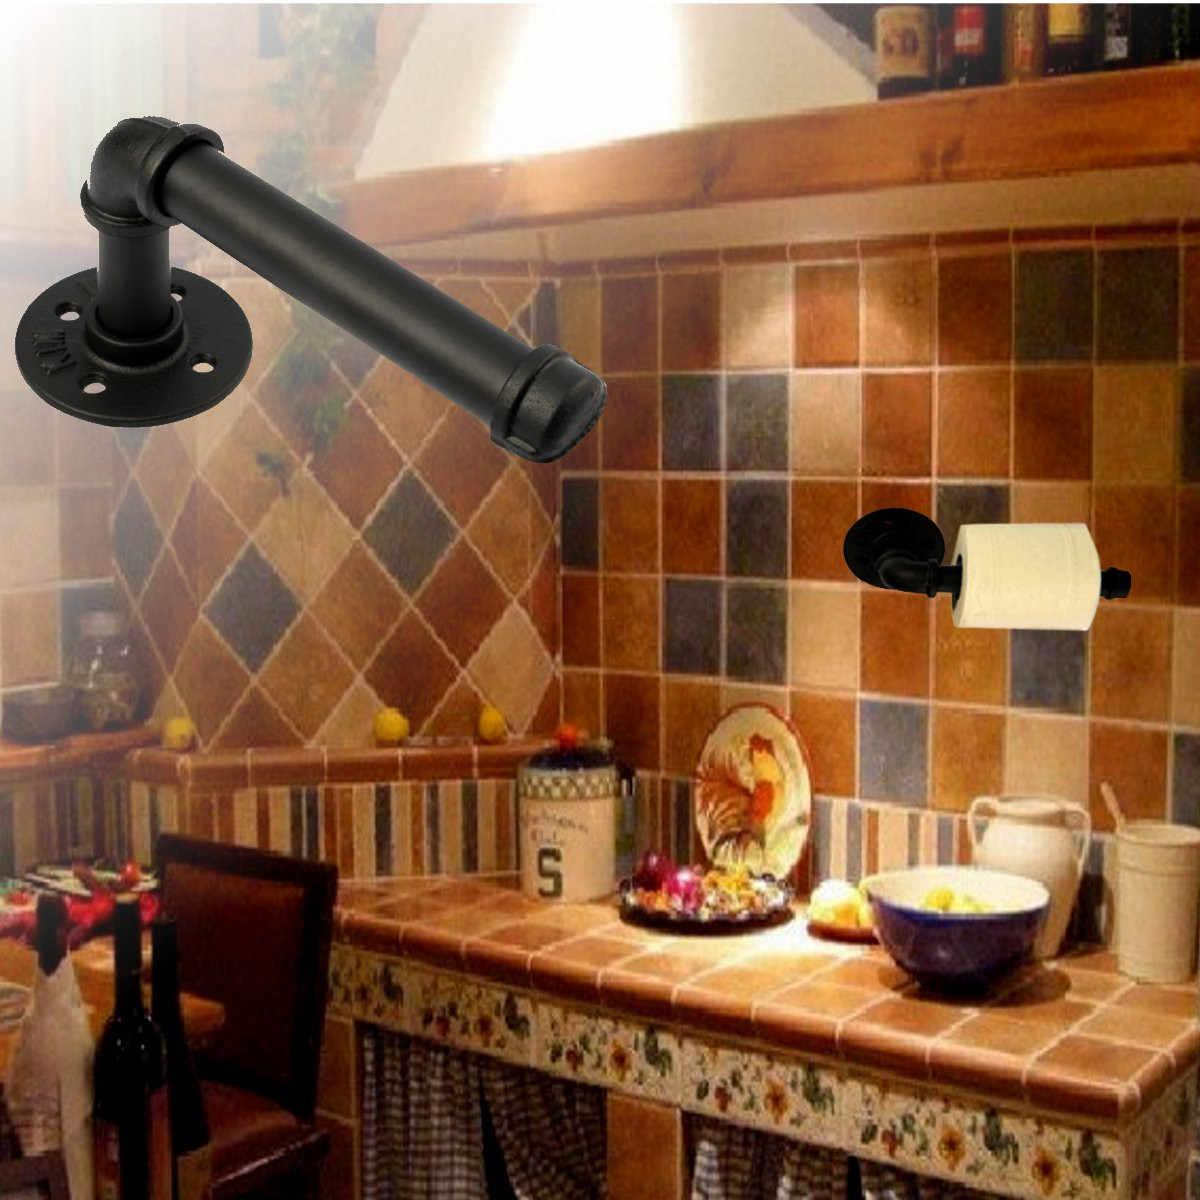 منشفة رف لفة الجرف النمط الصناعي جدار جبل الحديد خط أنابيب Vintage ورقة الحمام المرحاض أداة الأنسجة ورقة رف حمام ديكور